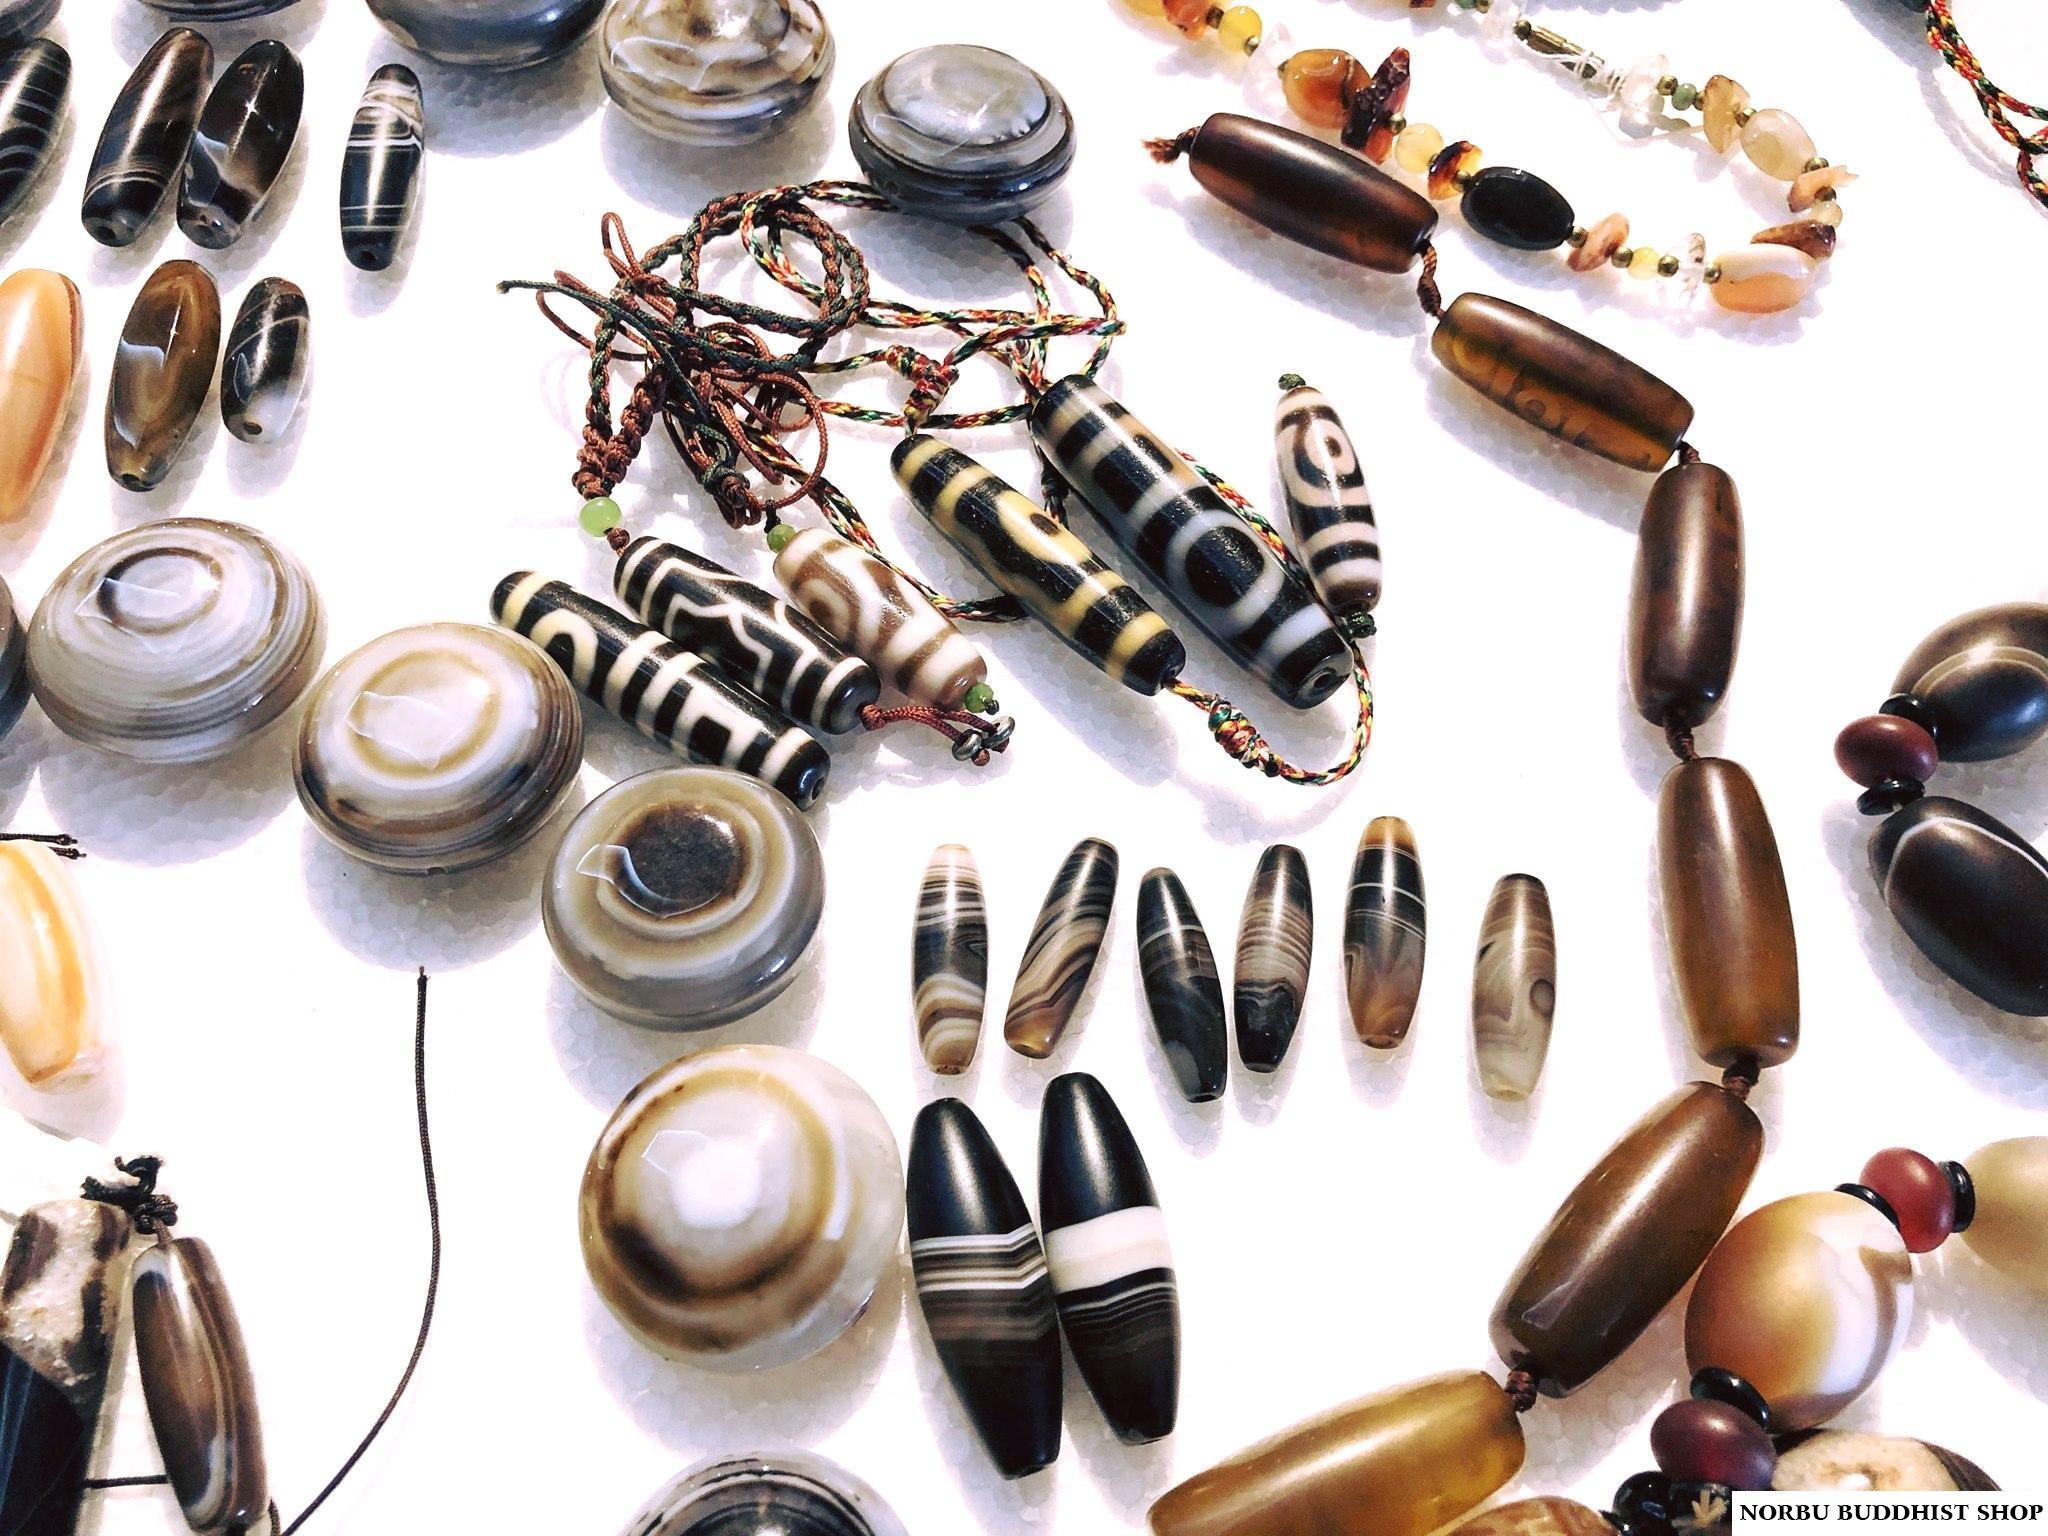 New dzi bead - dzi mới có thực sự là lựa chọn tốt nhất cho người sưu tầm? 4